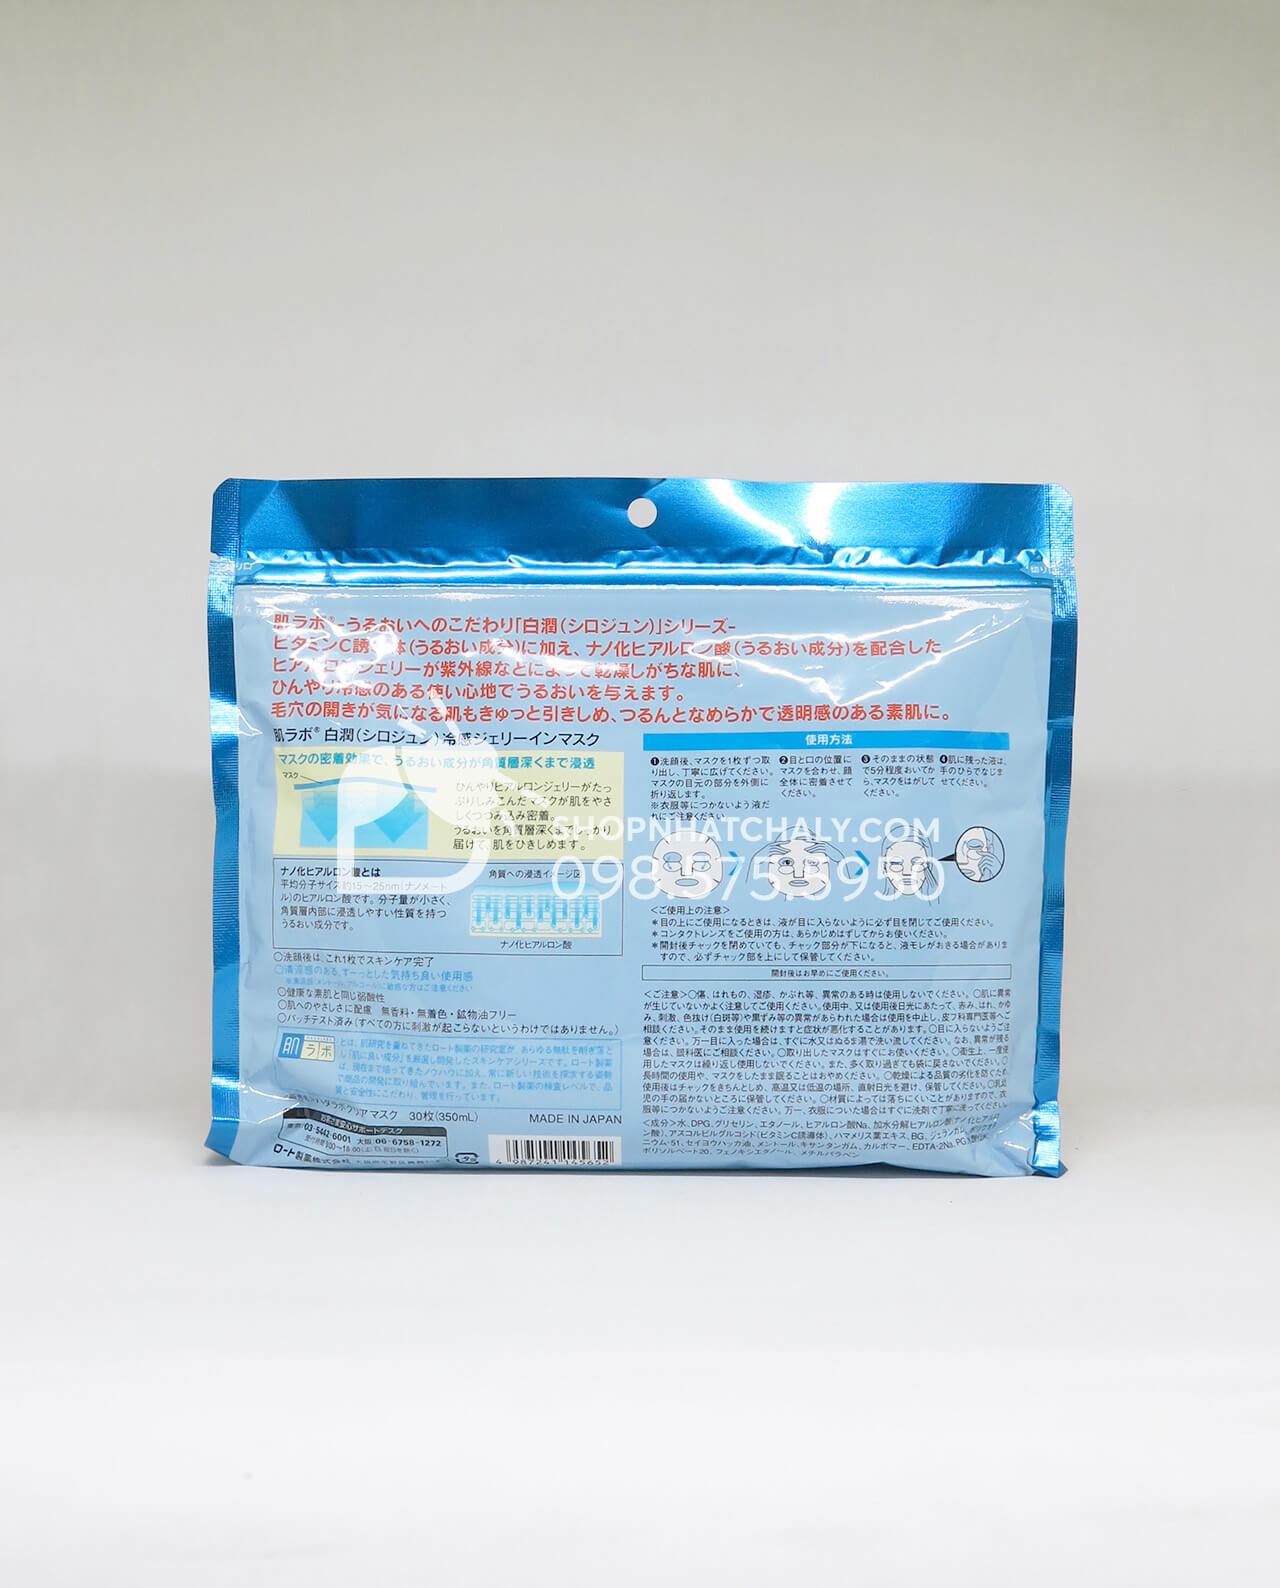 Mặt nạ lạnh dưỡng trắng da ngừa thâm nám Hada Labo Shirojyun Cooling Jelly Mask Nhật Bản - thông tin sản phẩm